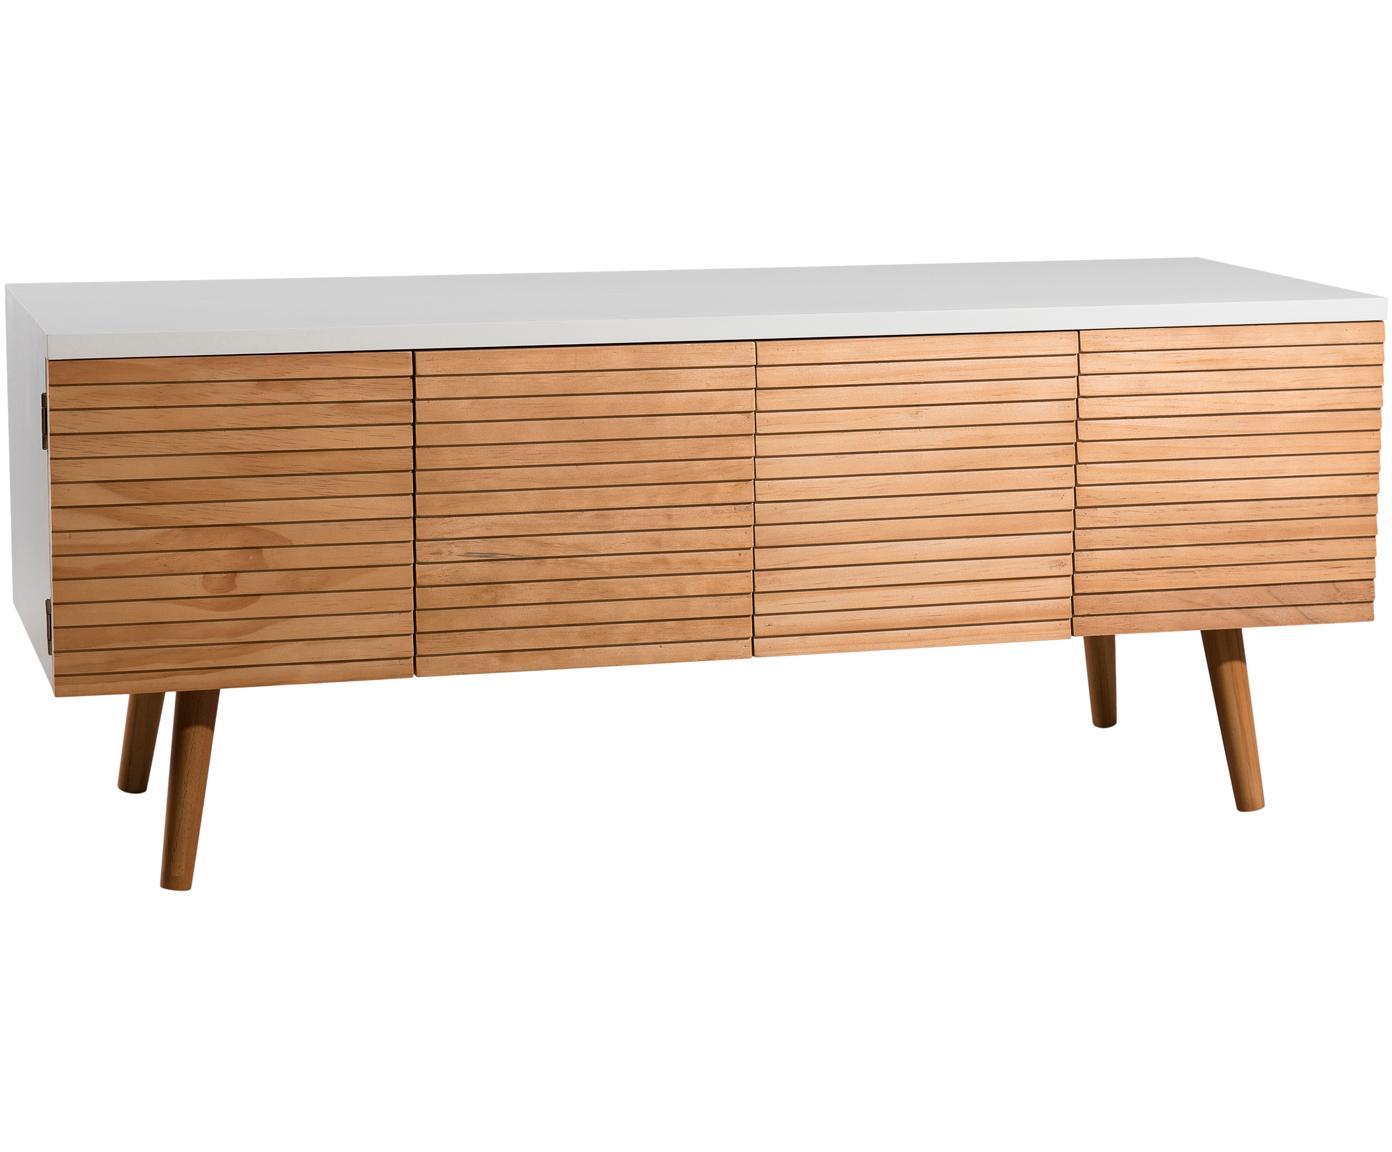 Mueble TV Pedro, estilo escandinavo, Estructura: tablero de fibras de dens, Blanco, madera de pino, An 120 x Al 48 cm